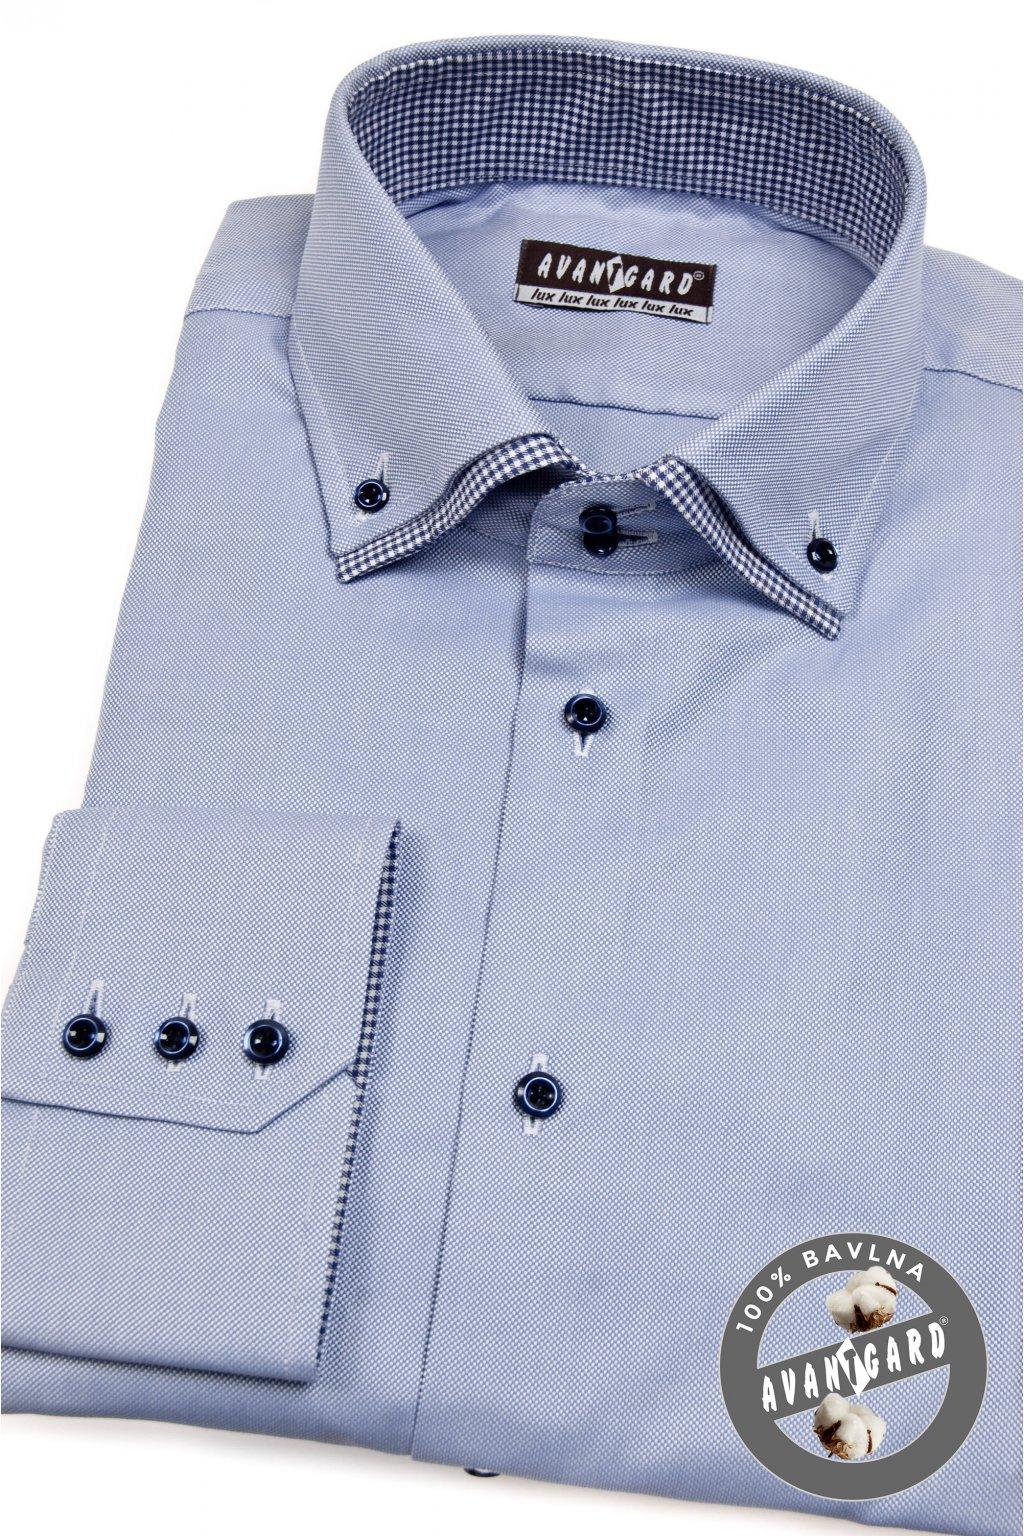 Pánská košile s kombinovaným límečkem modrá 520 - 1516